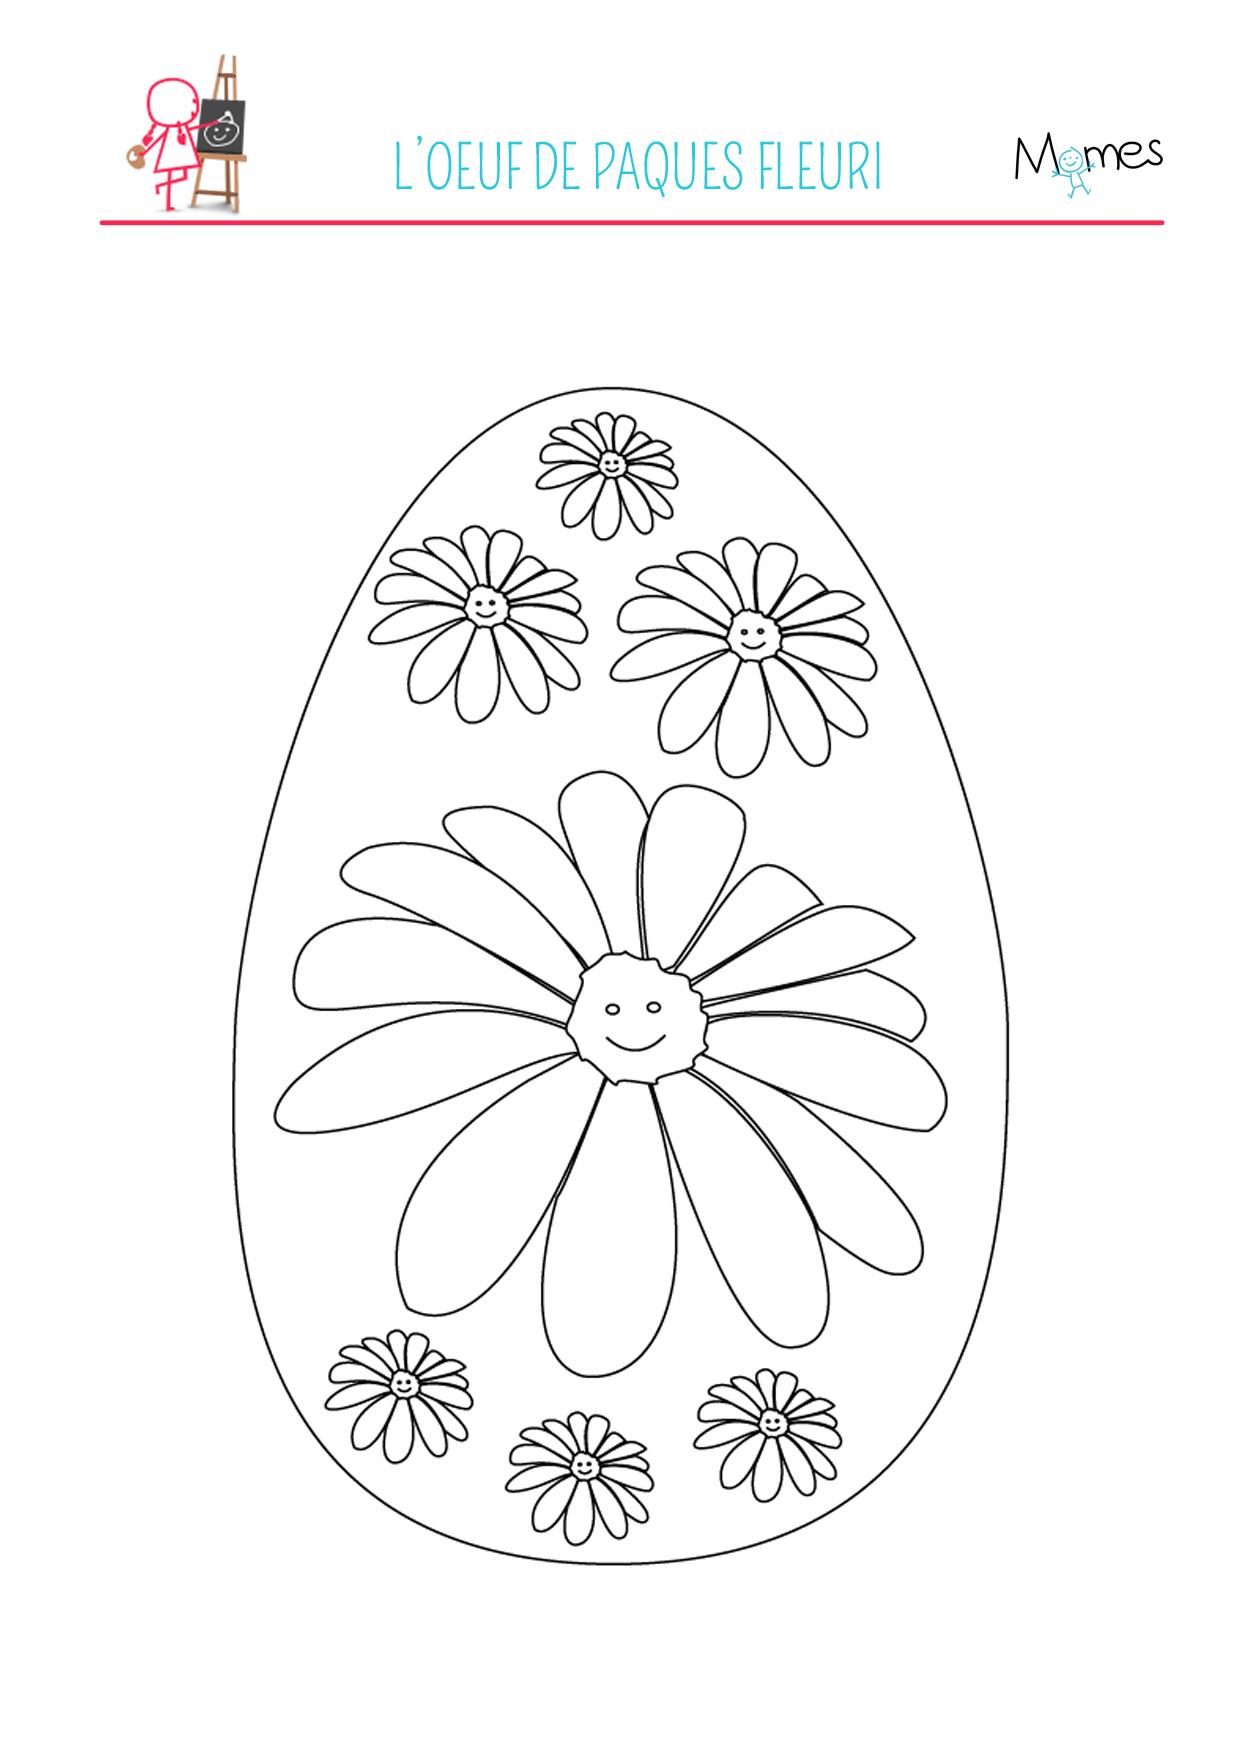 Coloriage de l 39 uf de p ques fleuri - Coloriages oeufs de paques ...